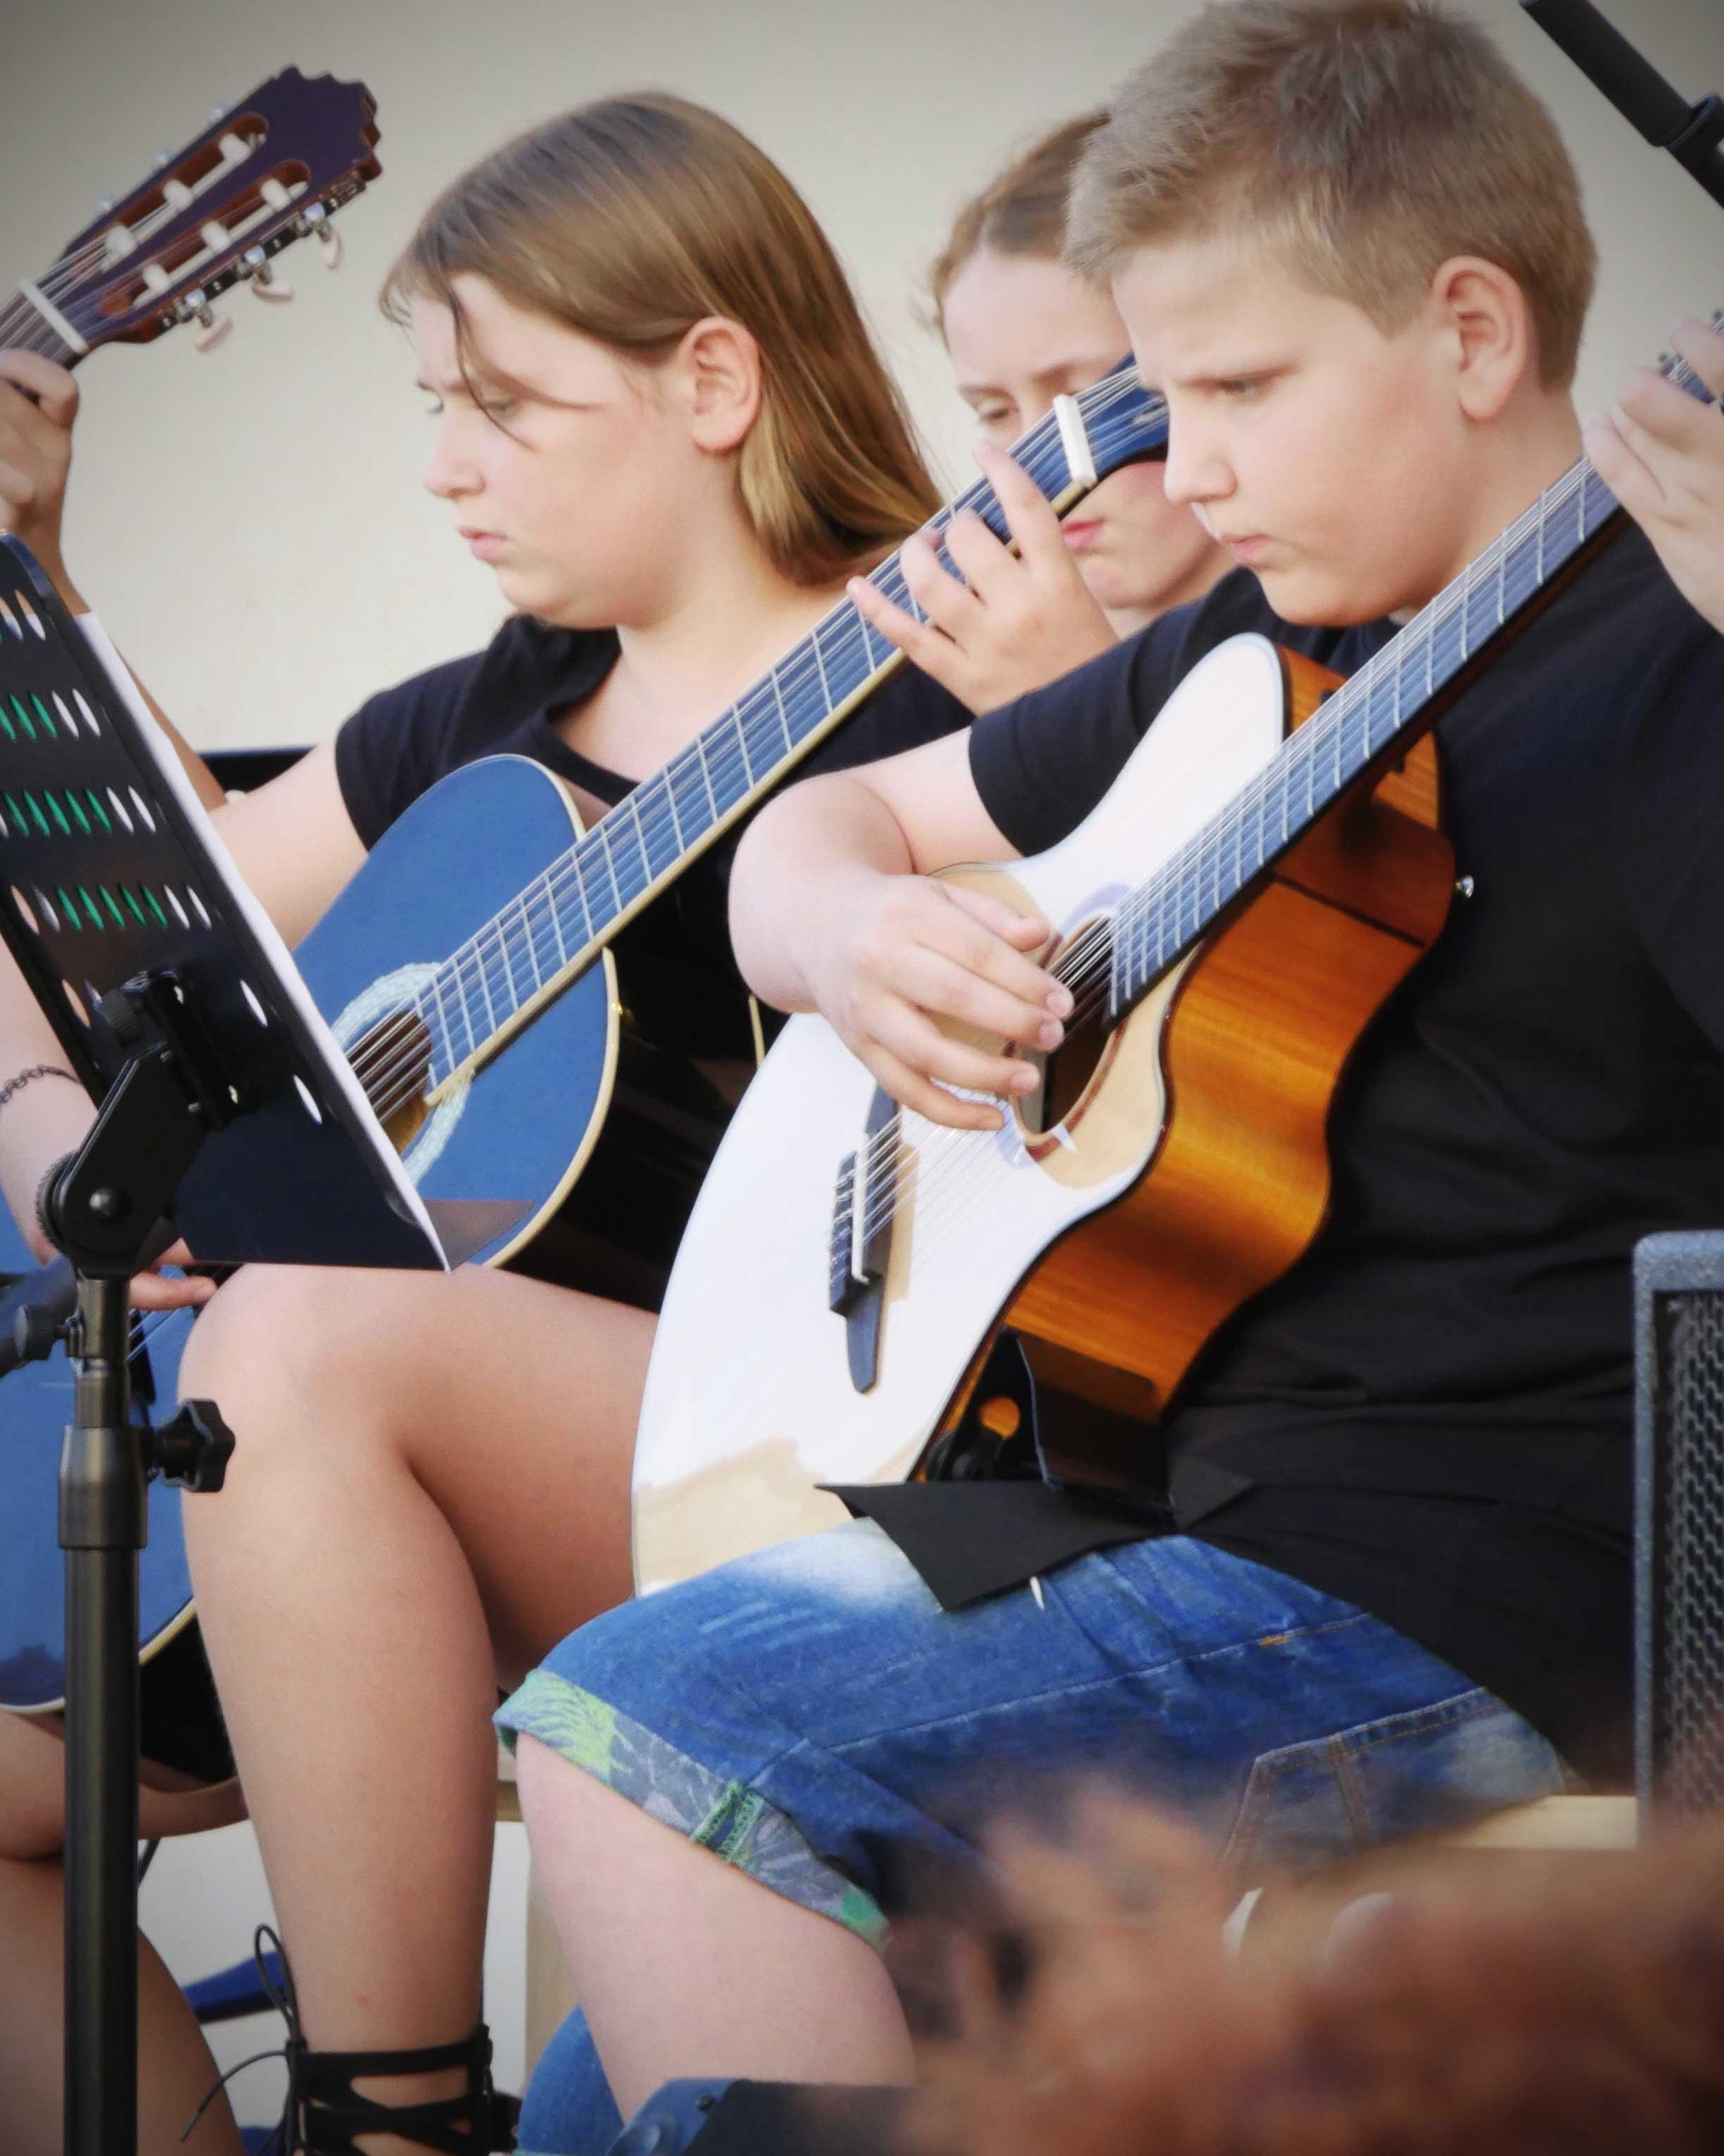 Kind spielt Gitarre